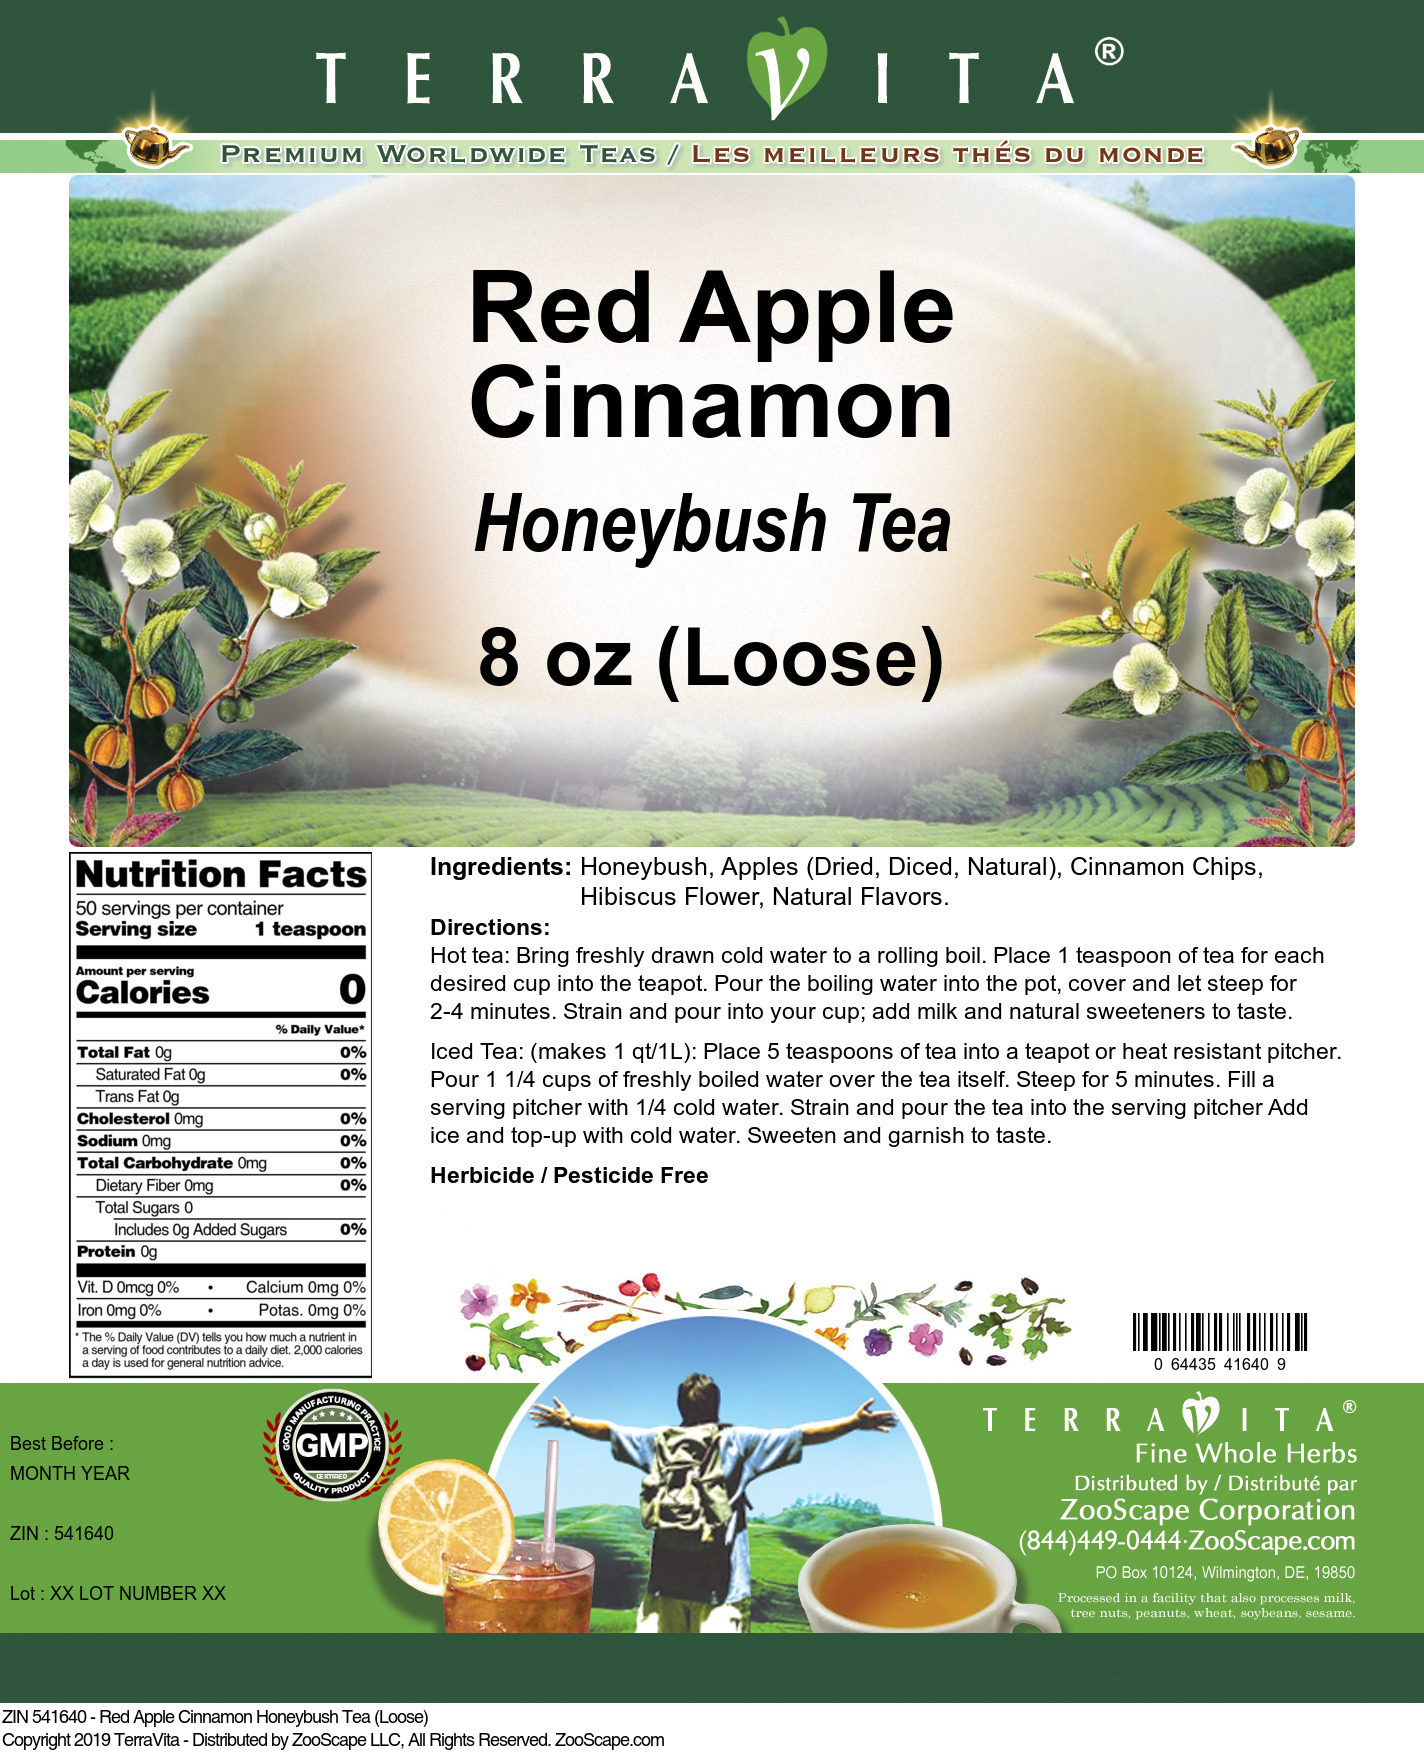 Red Apple Cinnamon Honeybush Tea (Loose)